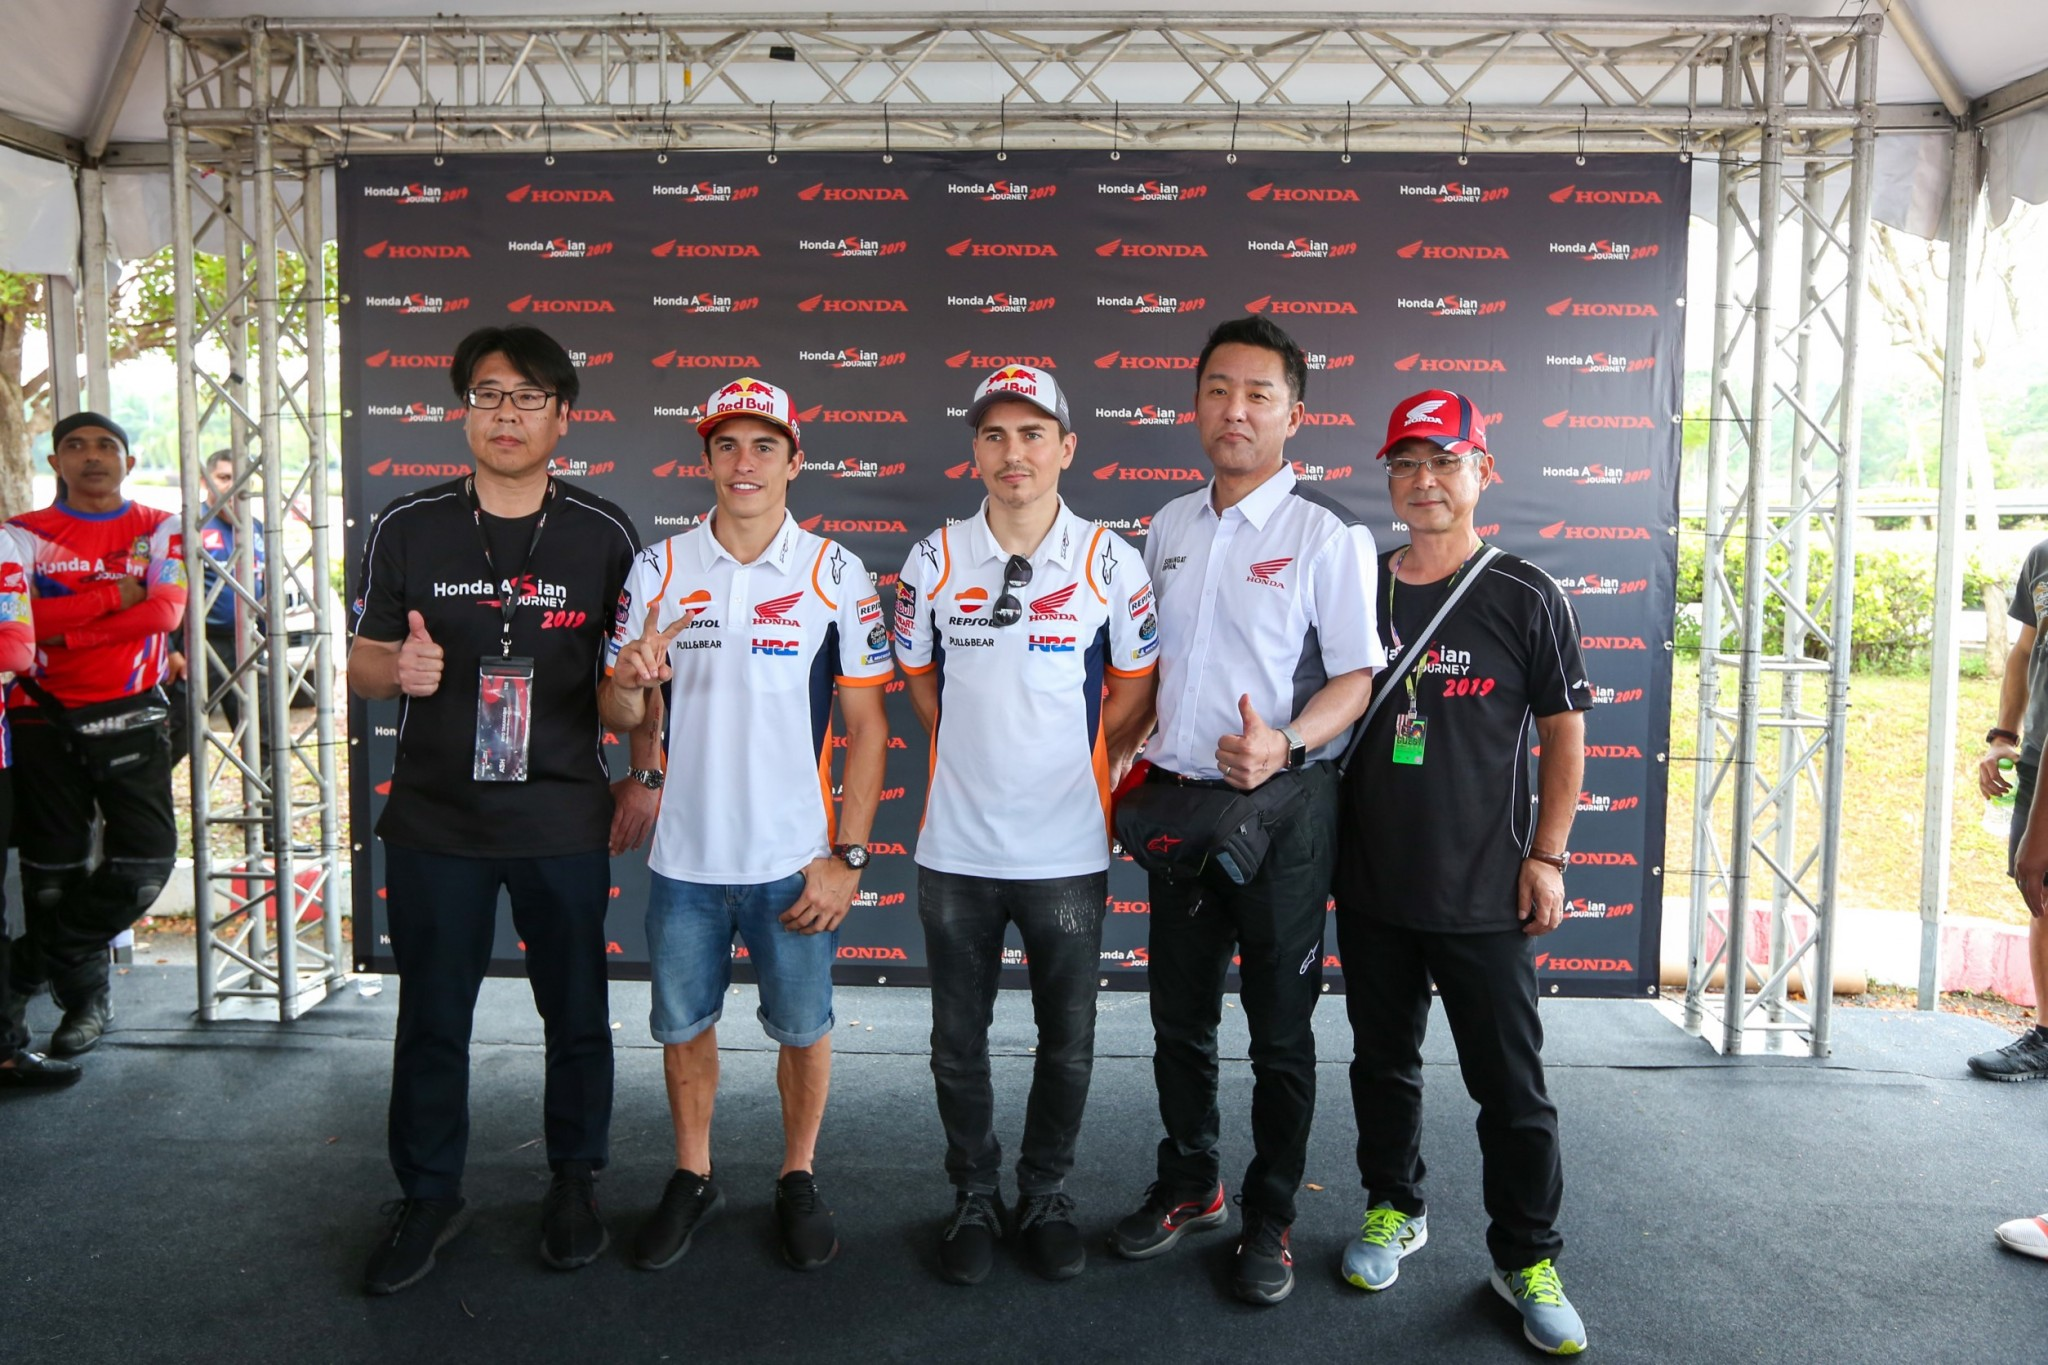 2019 Honda Asian Journey (10)